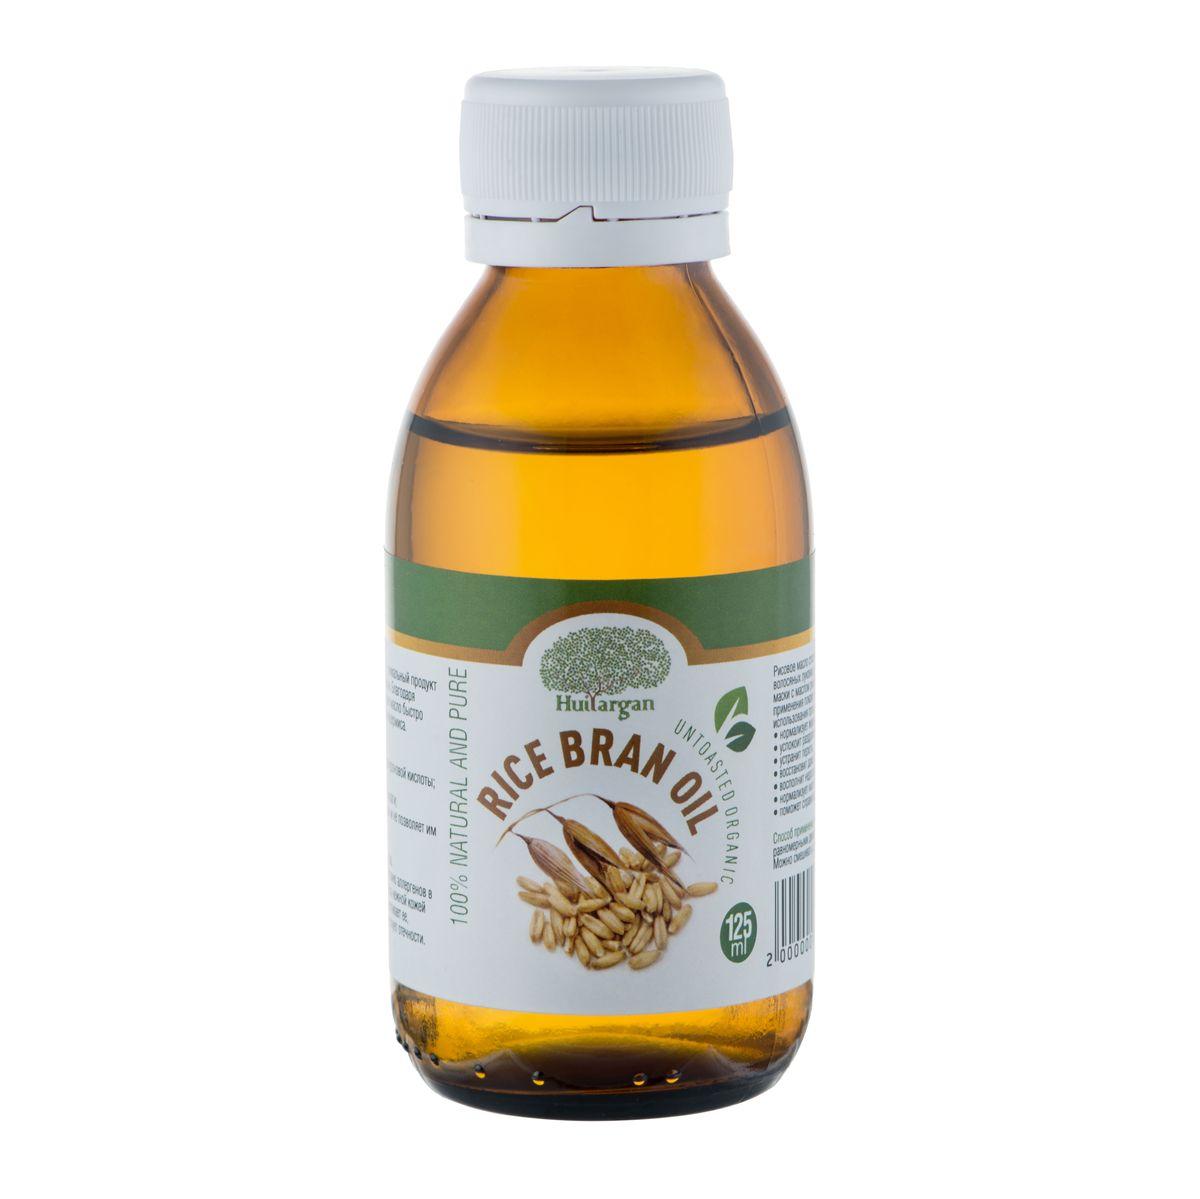 Huilargan Масло рисовых отрубей, 100% натуральное, 125 млFS-00610Масло рисовых отрубей (Rice bran oil ) - уникальный продукт рекомендован для сухой и увядающей кожи. Благодаря глубокому проникновению в кожу, рисовое масло быстро впитывается и попадает в нижние слои эпидермиса. Оно проявляет следующие действия:- провоцирует выработку эластина и гиалуроновой кислоты;- насыщает клетки витаминами;- увлажняет кожу и препятствует потере влаги;- разглаживает уже имеющиеся морщины и не позволяет им закладываться в будущем;- обновляет кожный покров;- выравнивает рельеф, улучшает цвет лица.Благодаря мягкому воздействию и отсутствию аллергенов в составе, продукт используется для ухода за нежной кожей вокруг глаз. Масло питает кожу век, подтягивает ее, разглаживает мелкие морщины и препятствует отечности.Рисовое масло способствует активизации замерших волосяных луковиц и укреплению корней волос. Массаж и маски с маслом рисовых отрубей уже через 10 дней применения покажут видимые результаты. Кроме того, его использования произведет дополнительные эффекты:- нормализует жирность кожи головы;- успокоит раздражение;- устранит перхоть;- восстановит даже сильно поврежденные волосы;- восполнит недостаток витаминов;- нормализует кислотный баланс;- поможет справиться с секущимися кончиками.